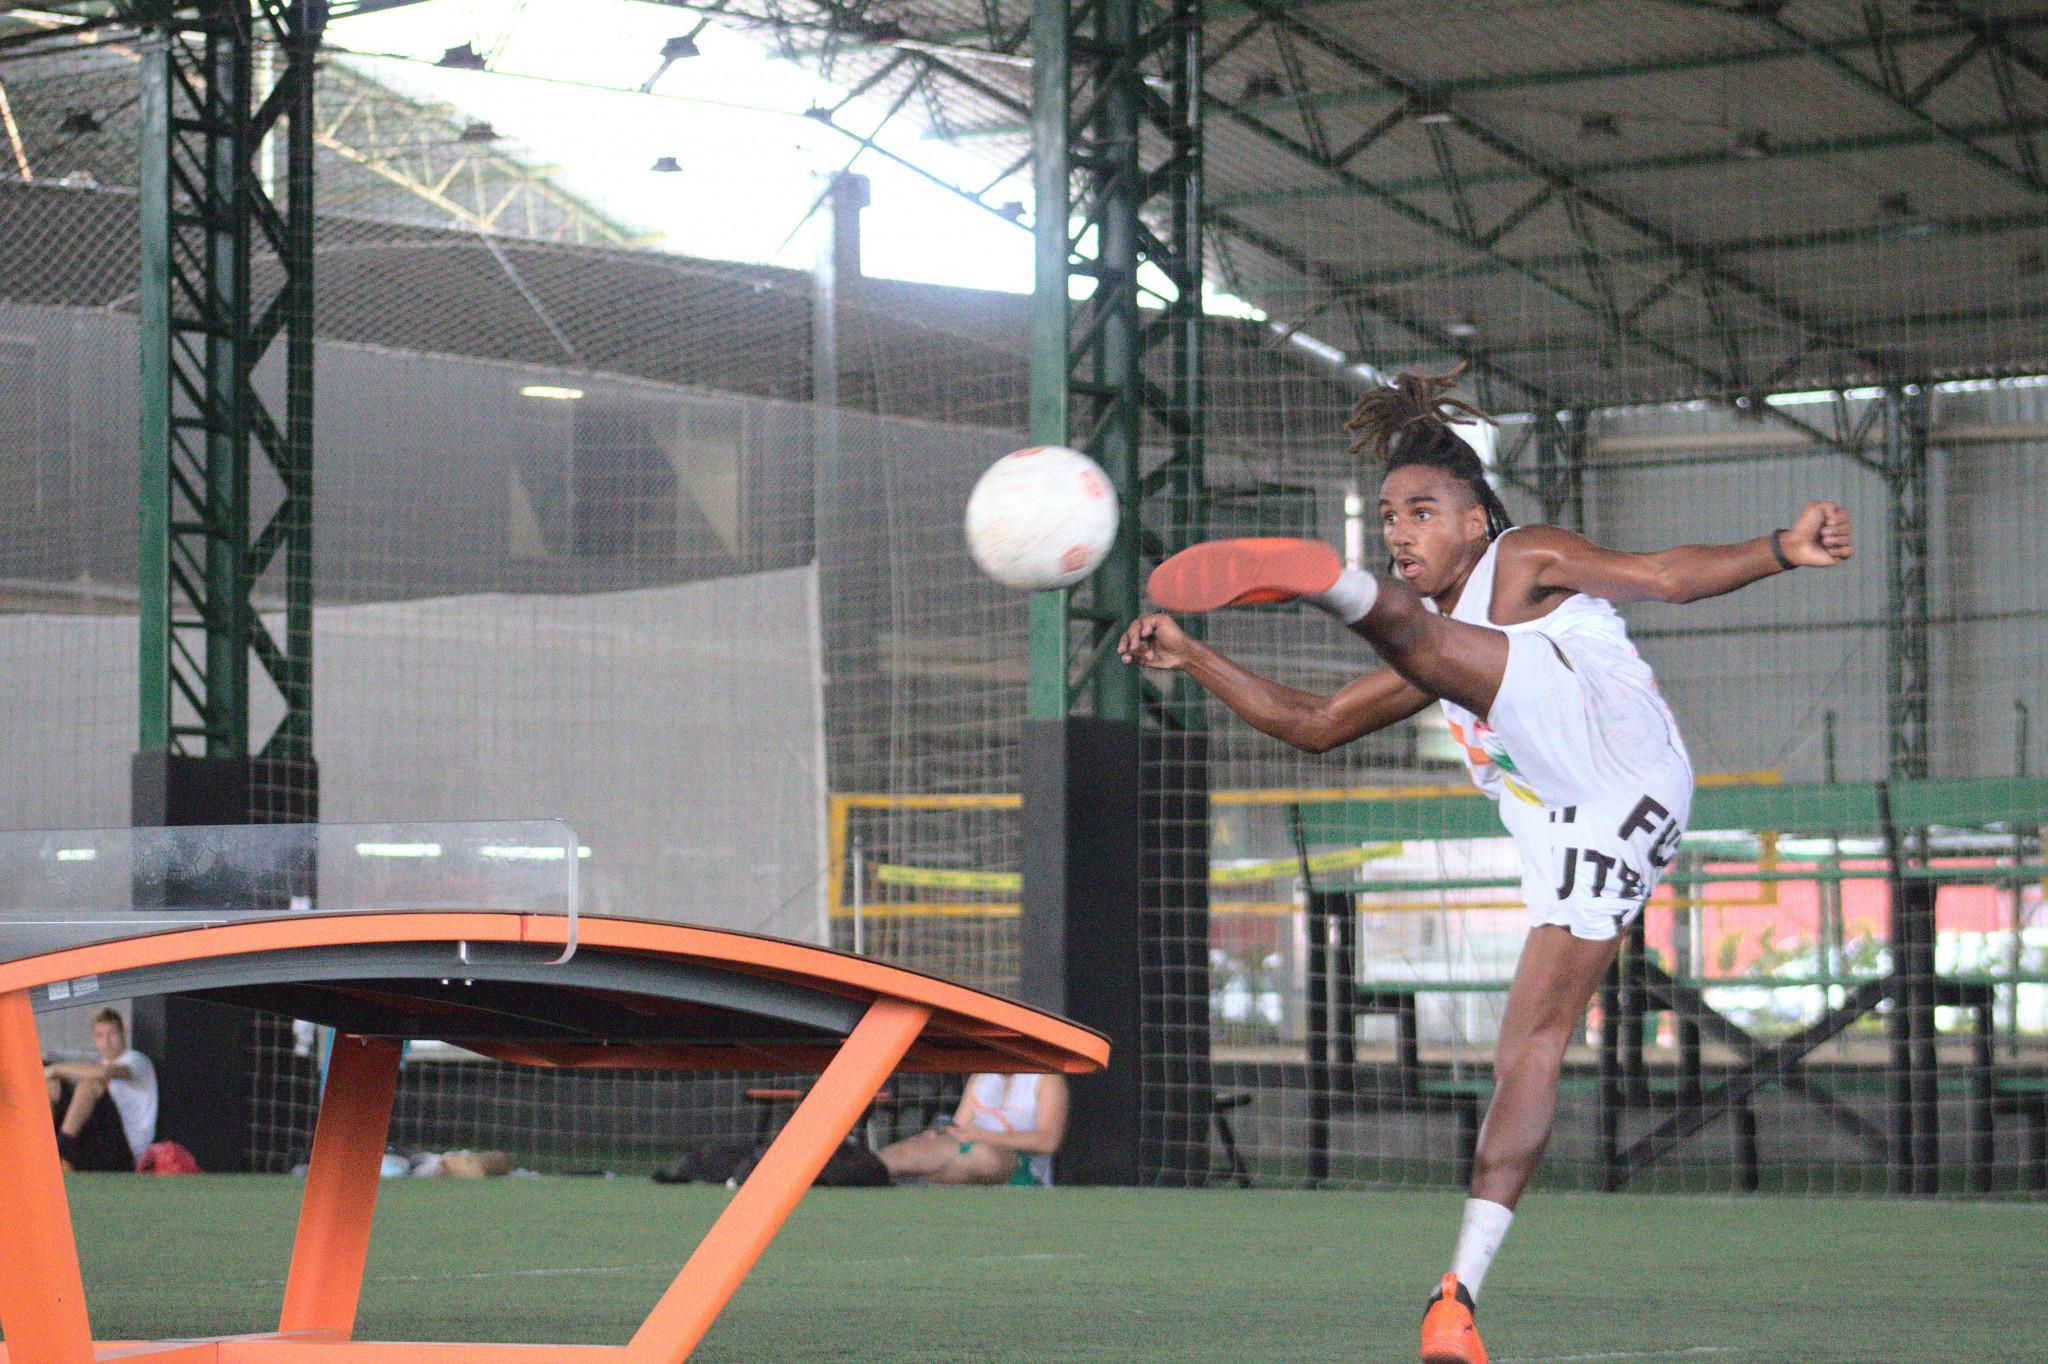 O evento FITEQ Challenger Cup no Brasil aconteceu em Porto Alegre © FITEQ